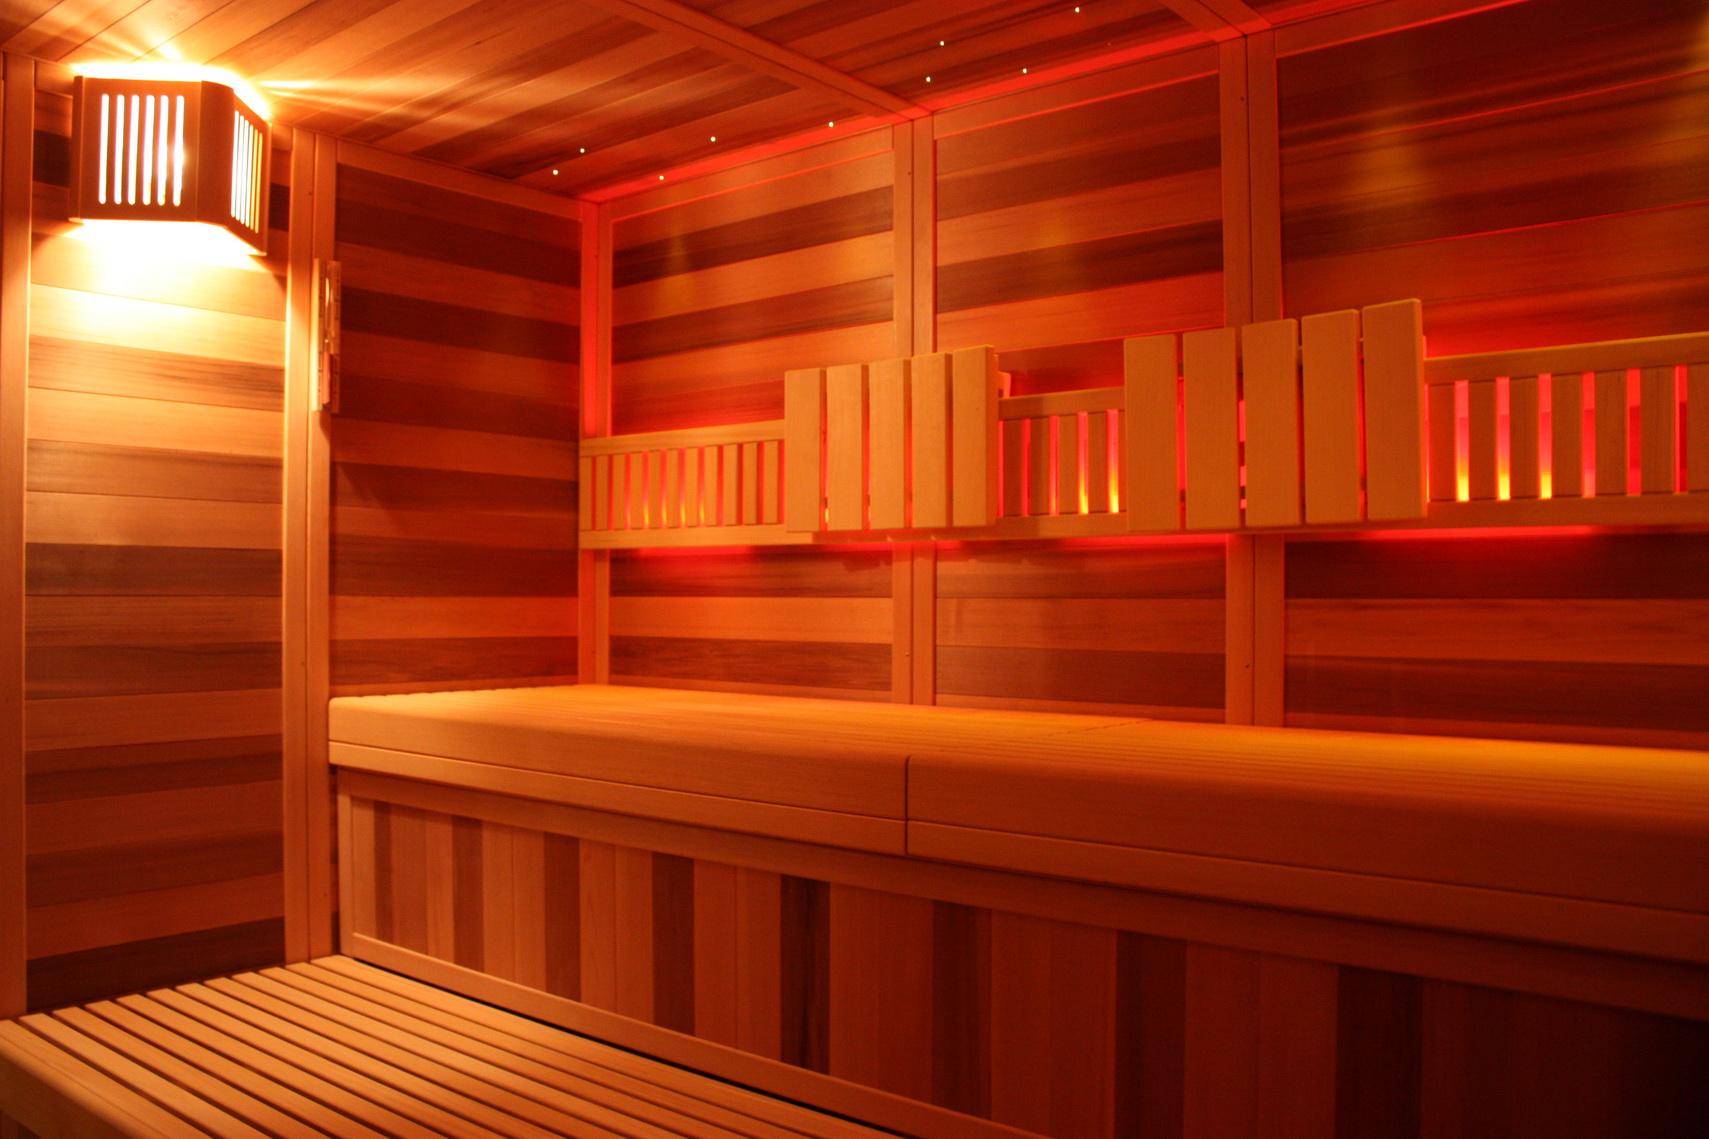 bruno hausmeier e k schwimmbad u saunaservice in rheine. Black Bedroom Furniture Sets. Home Design Ideas